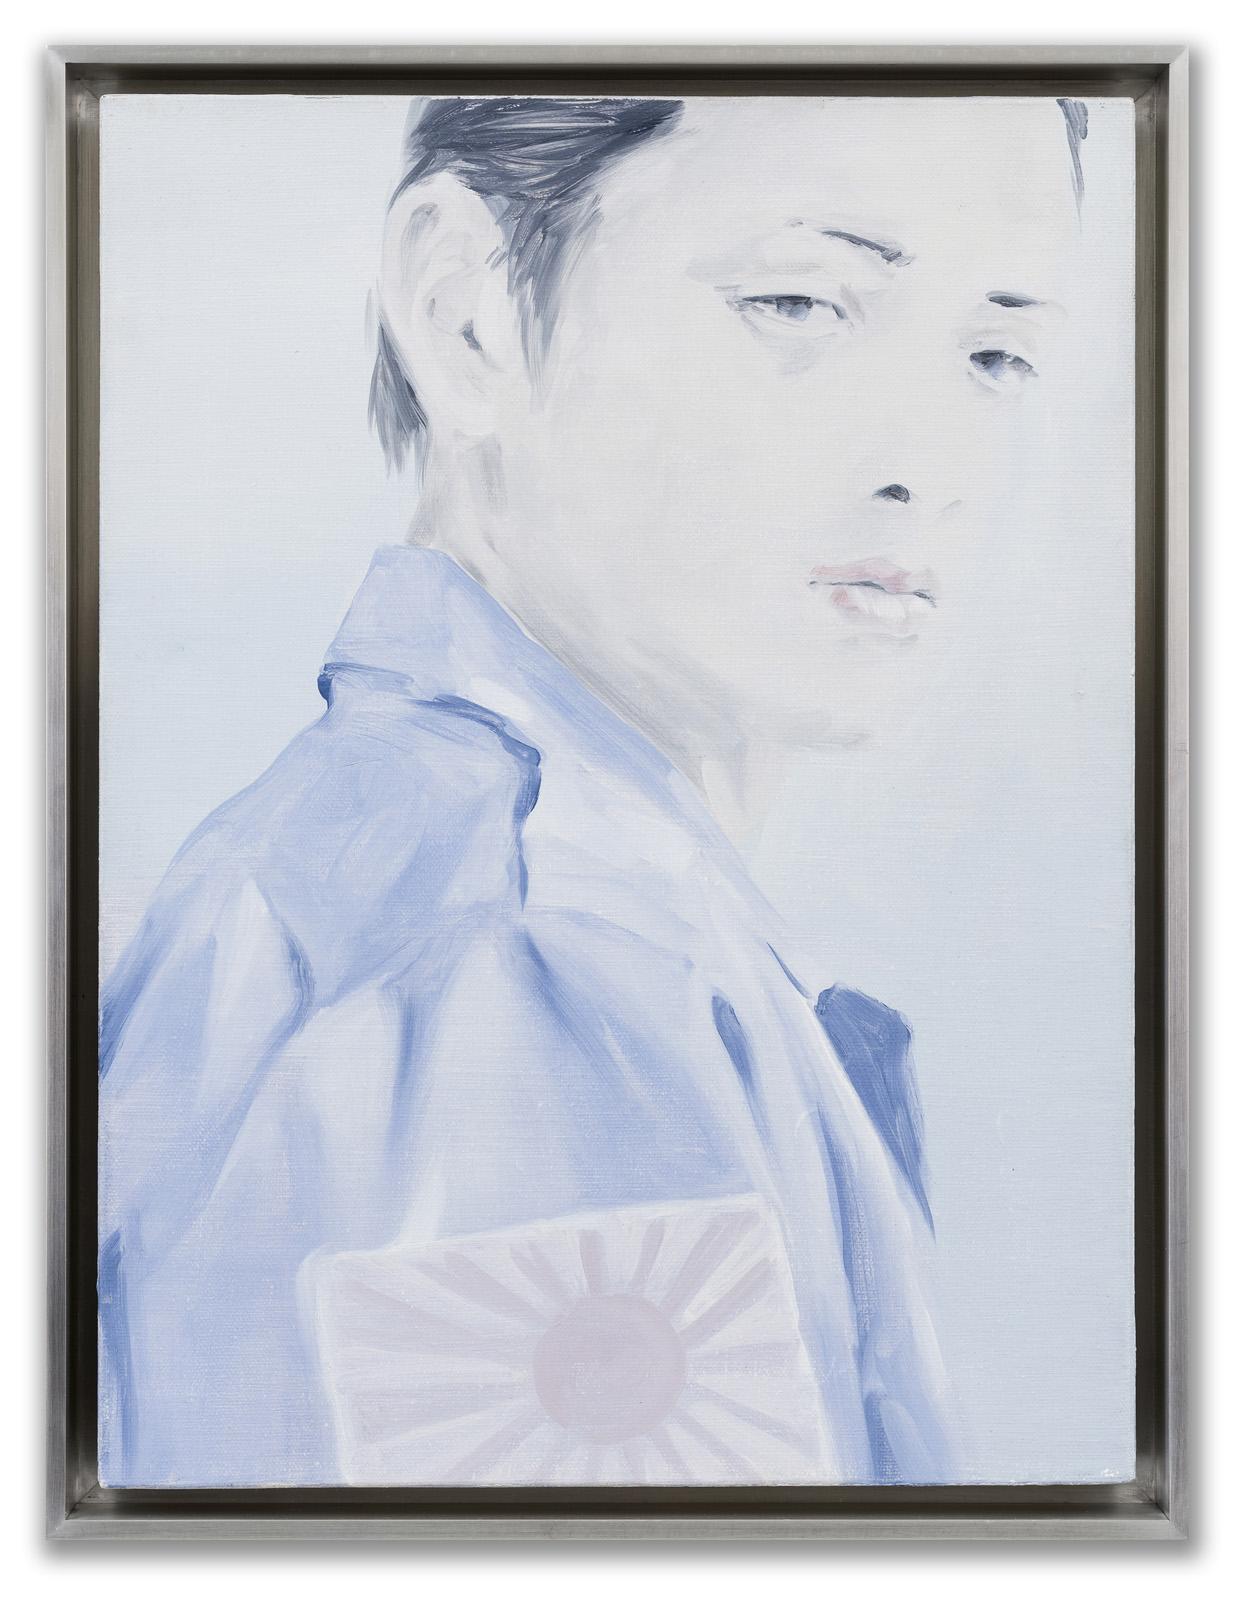 Munro Galloway, (American b.1971), Bosozuko, 2002.